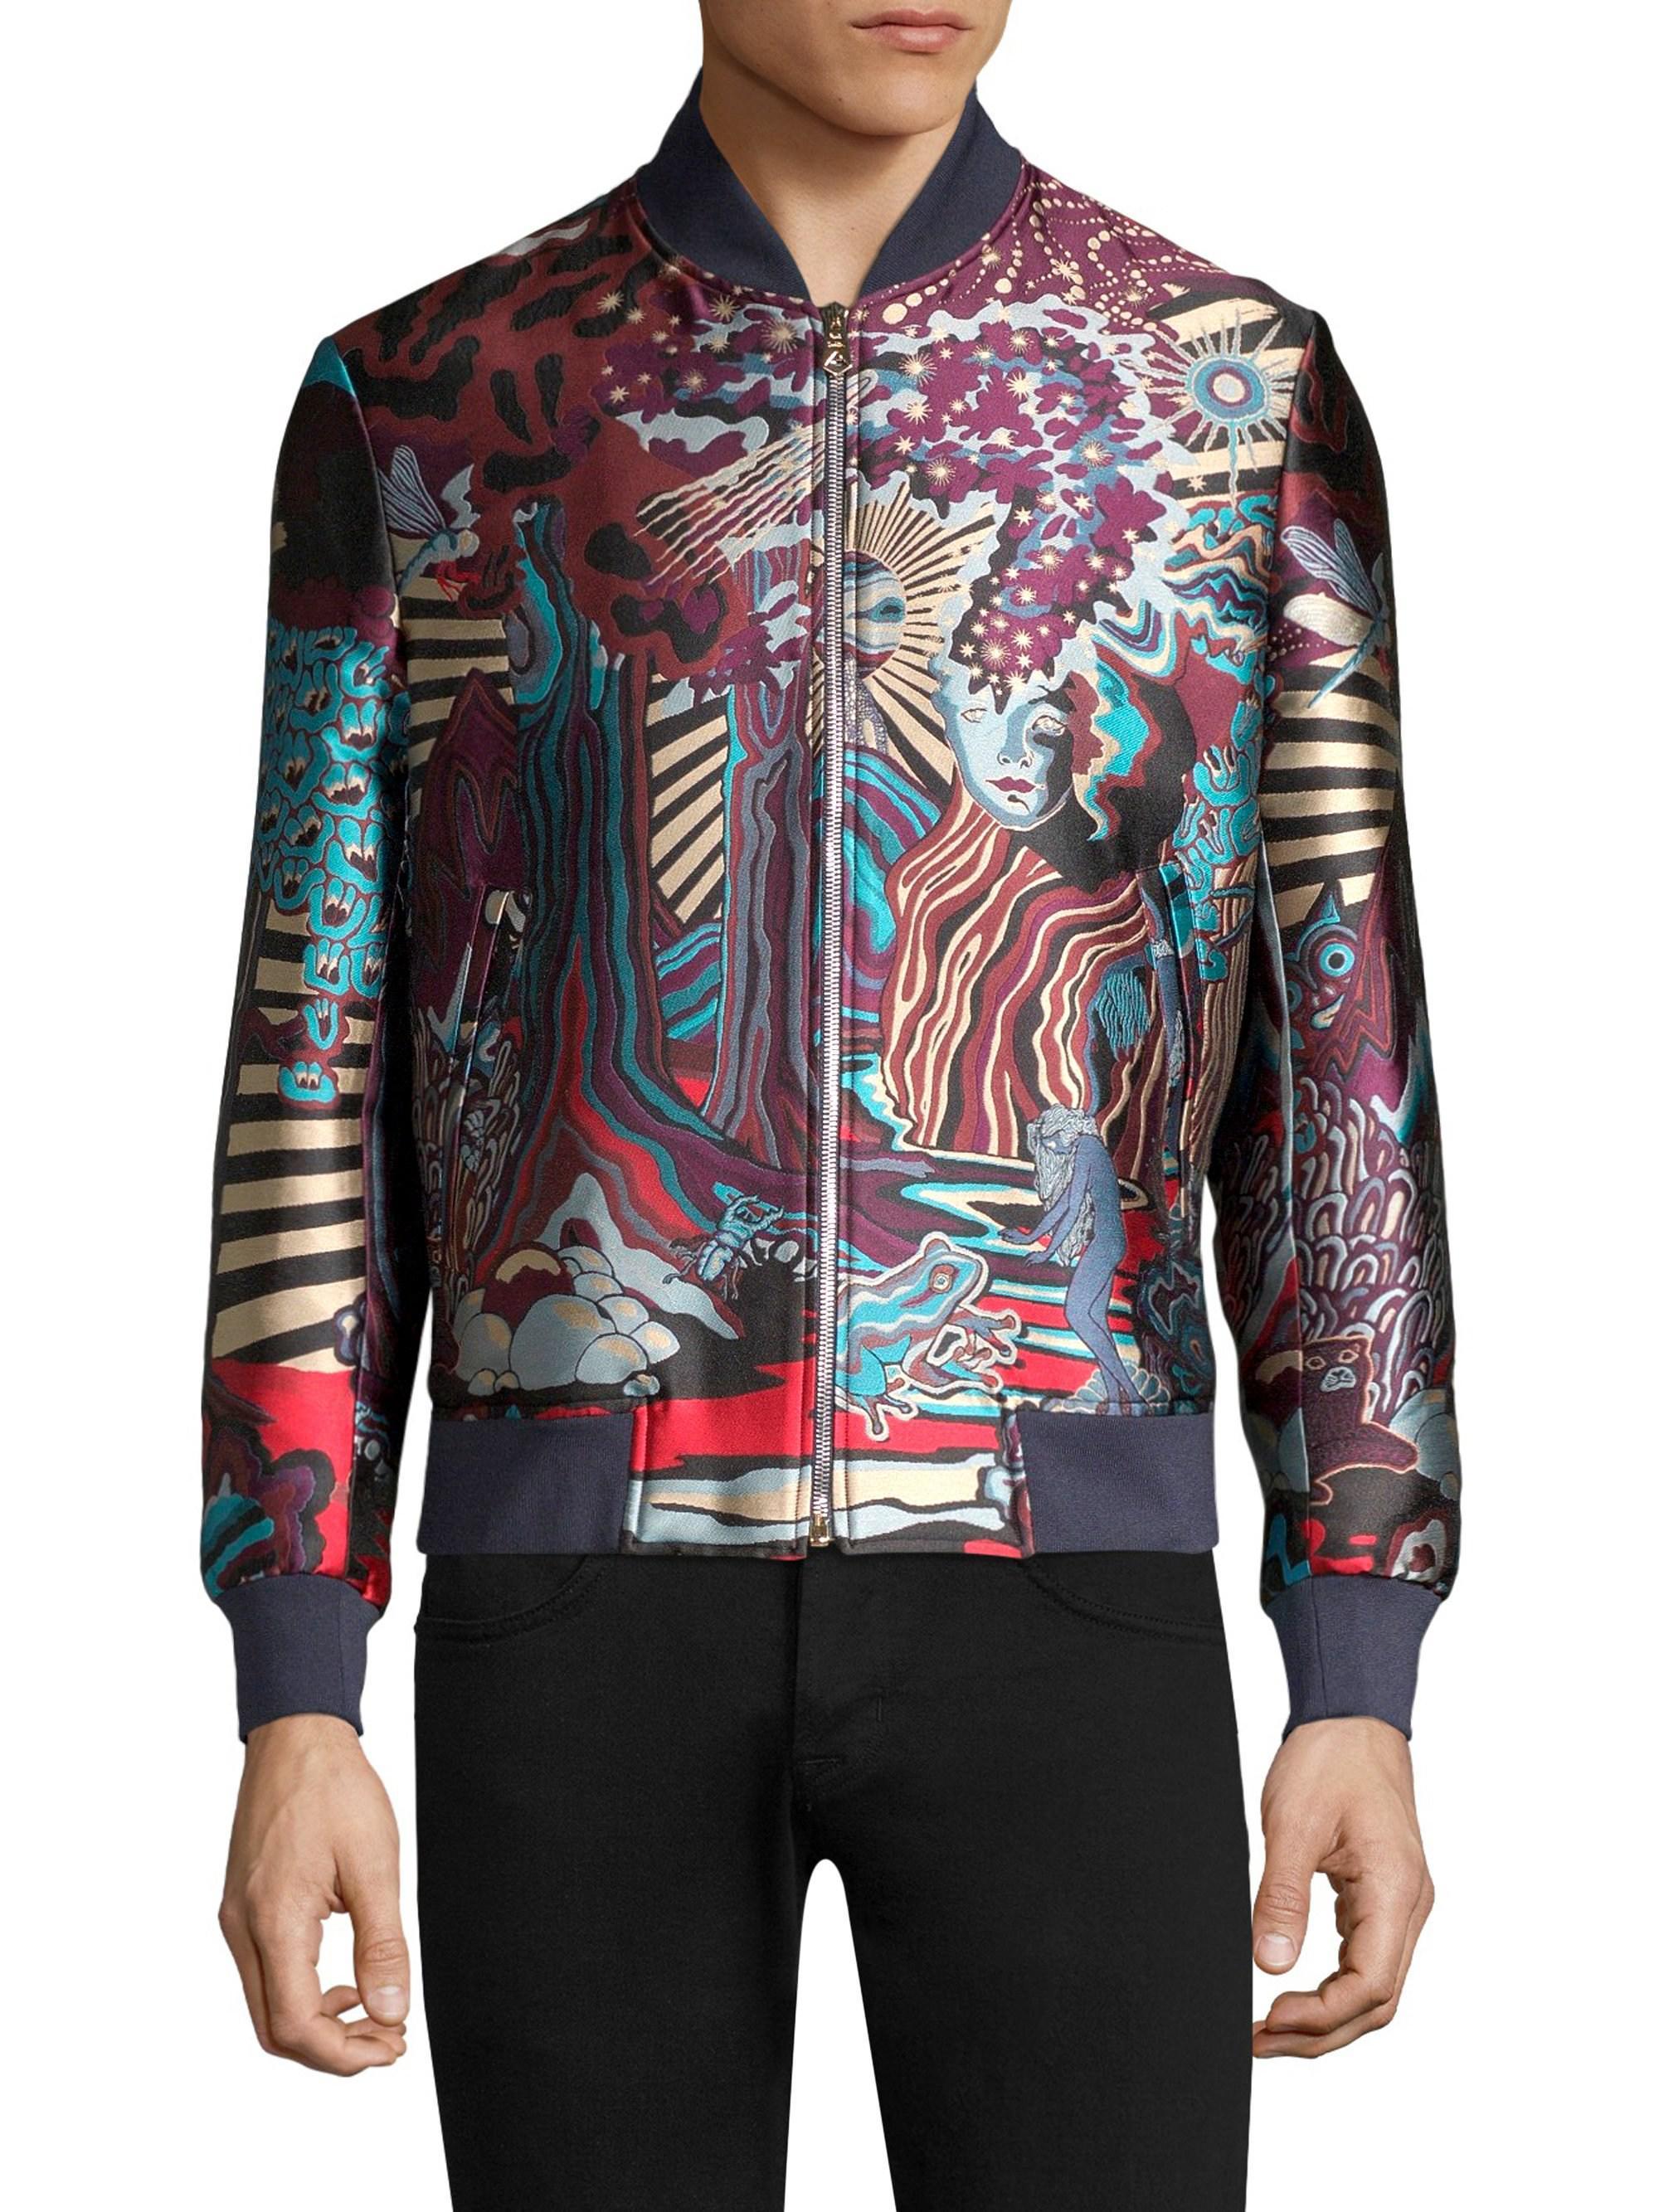 013c289f5 Paul Smith Dreamer Print Bomber Jacket for Men - Lyst